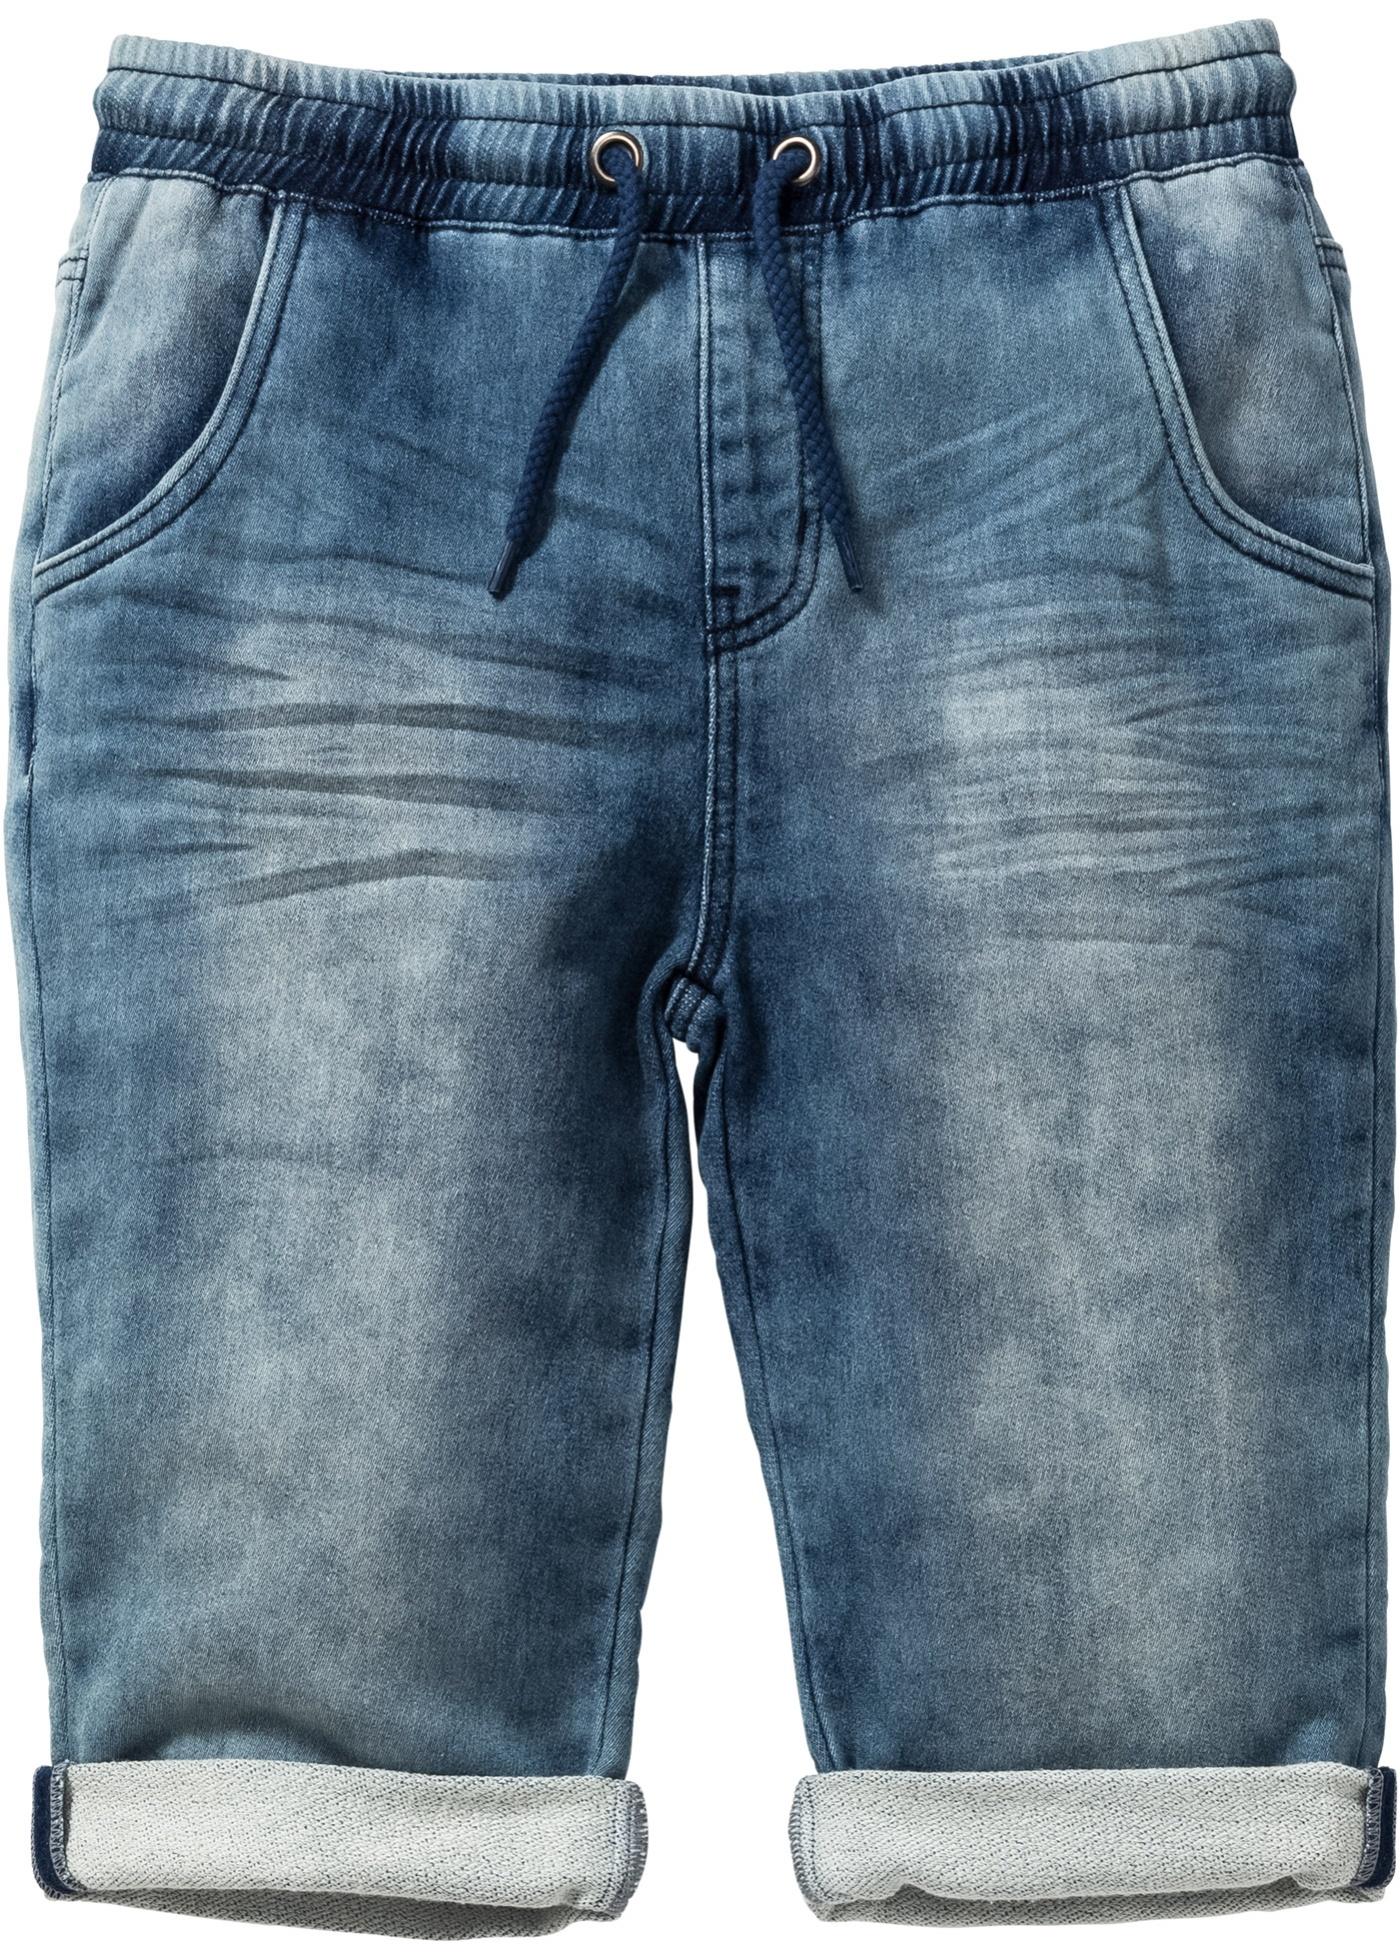 Bermuda in felpa effetto jeans (Blu) - John Baner JEANSWEAR